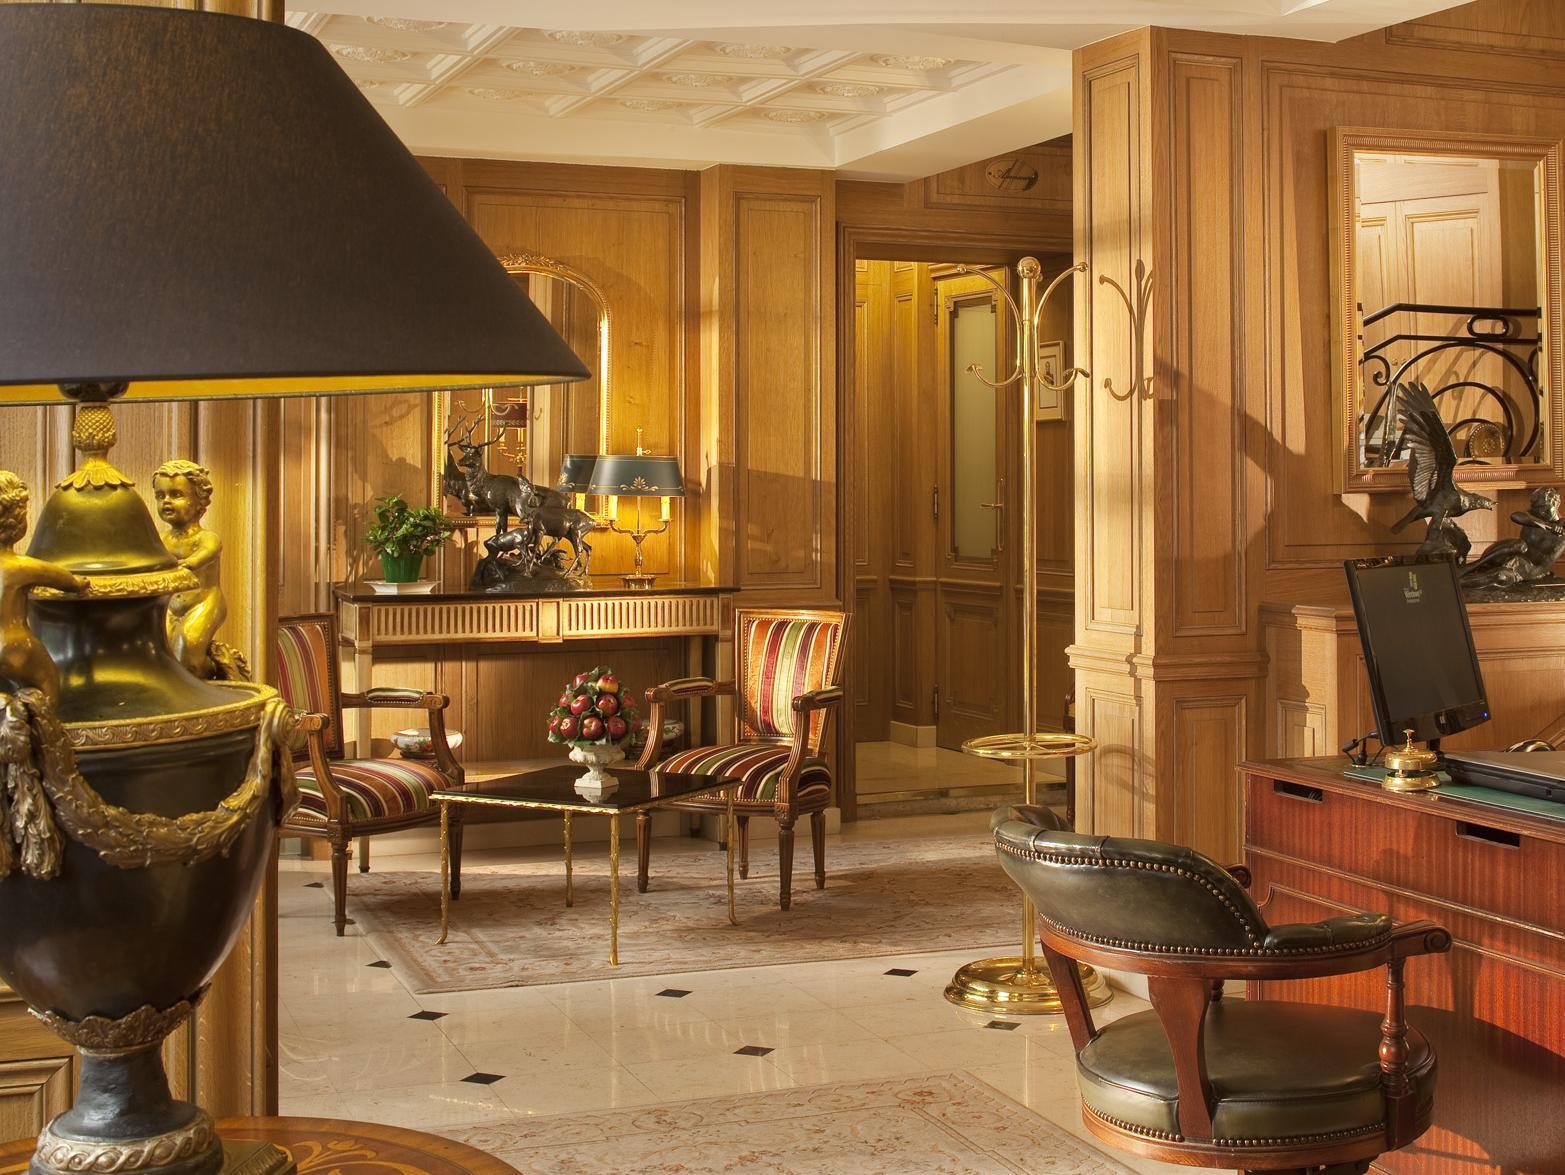 Hotel de Varenne - Paris